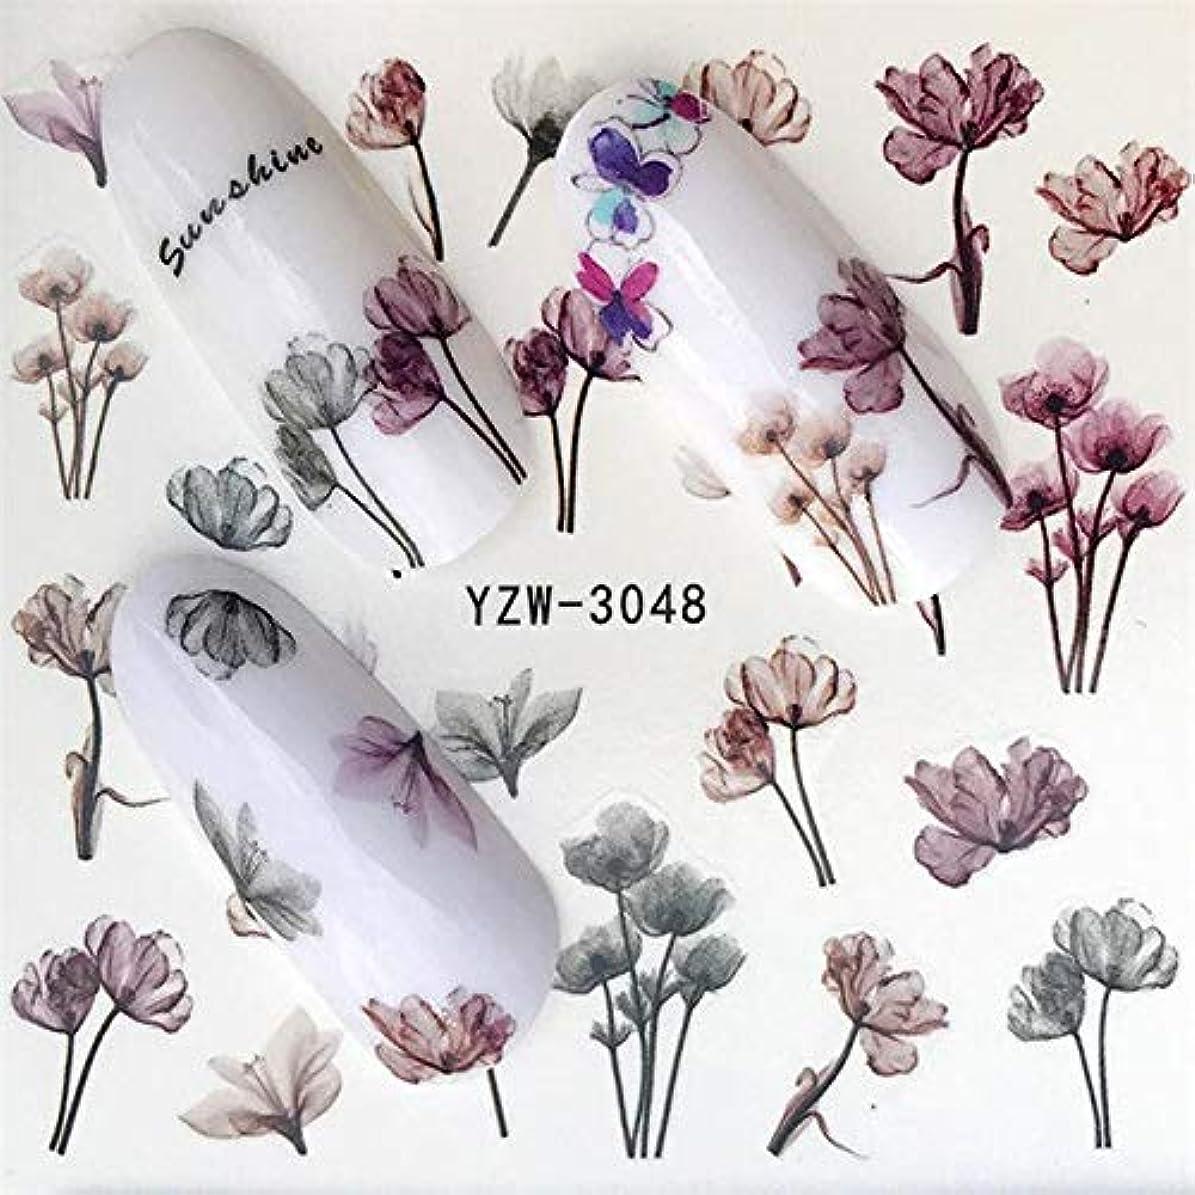 キャッチネックレット時刻表SUKTI&XIAO ネイルステッカー 1シート水転写女性フルカバーステッカーネイルアートデカールネイルアート美容パープルローズ装飾のヒント